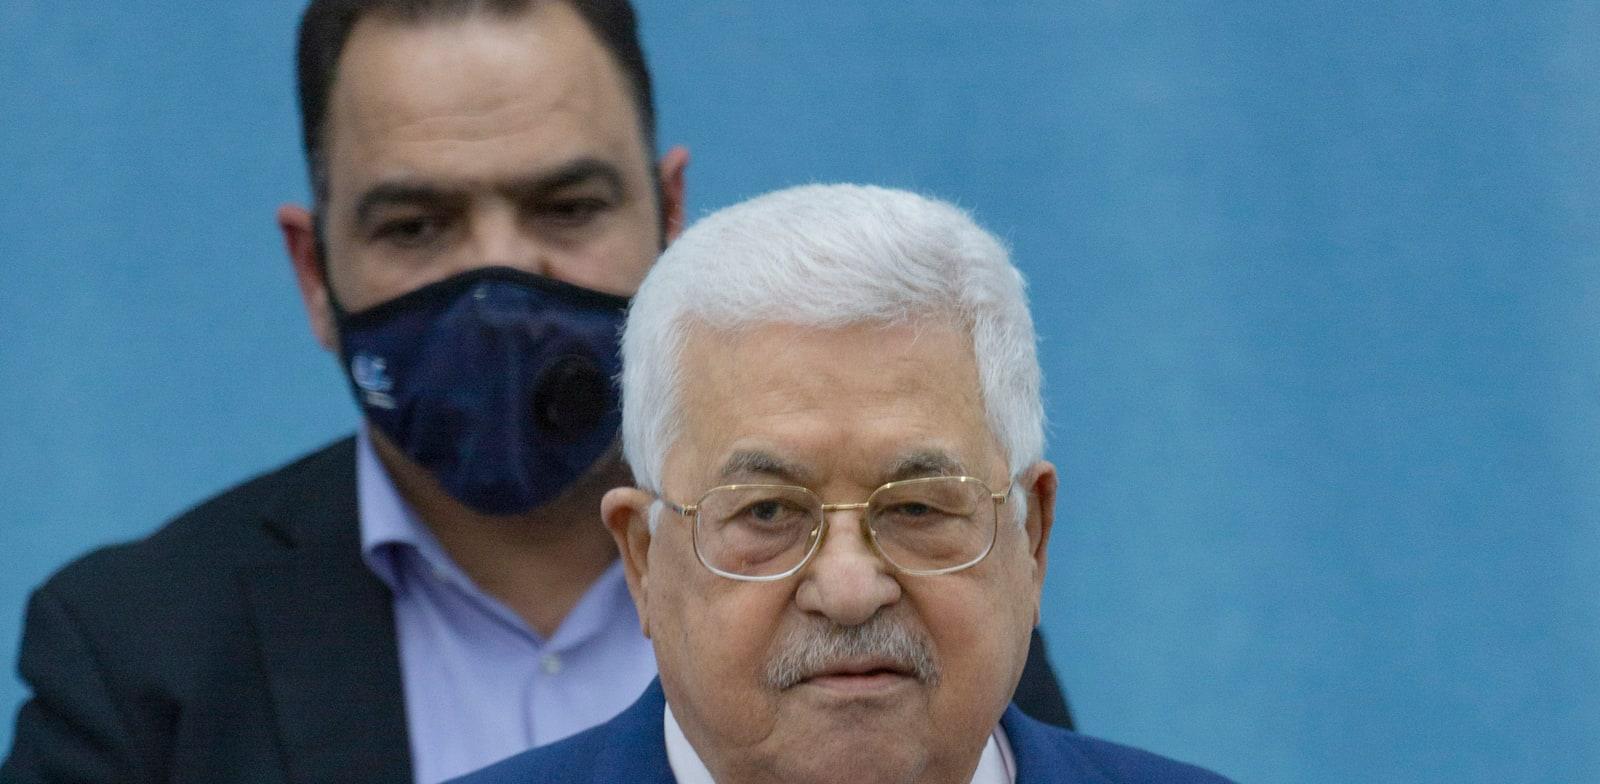 אבו מאזן / צילום: Associated Press